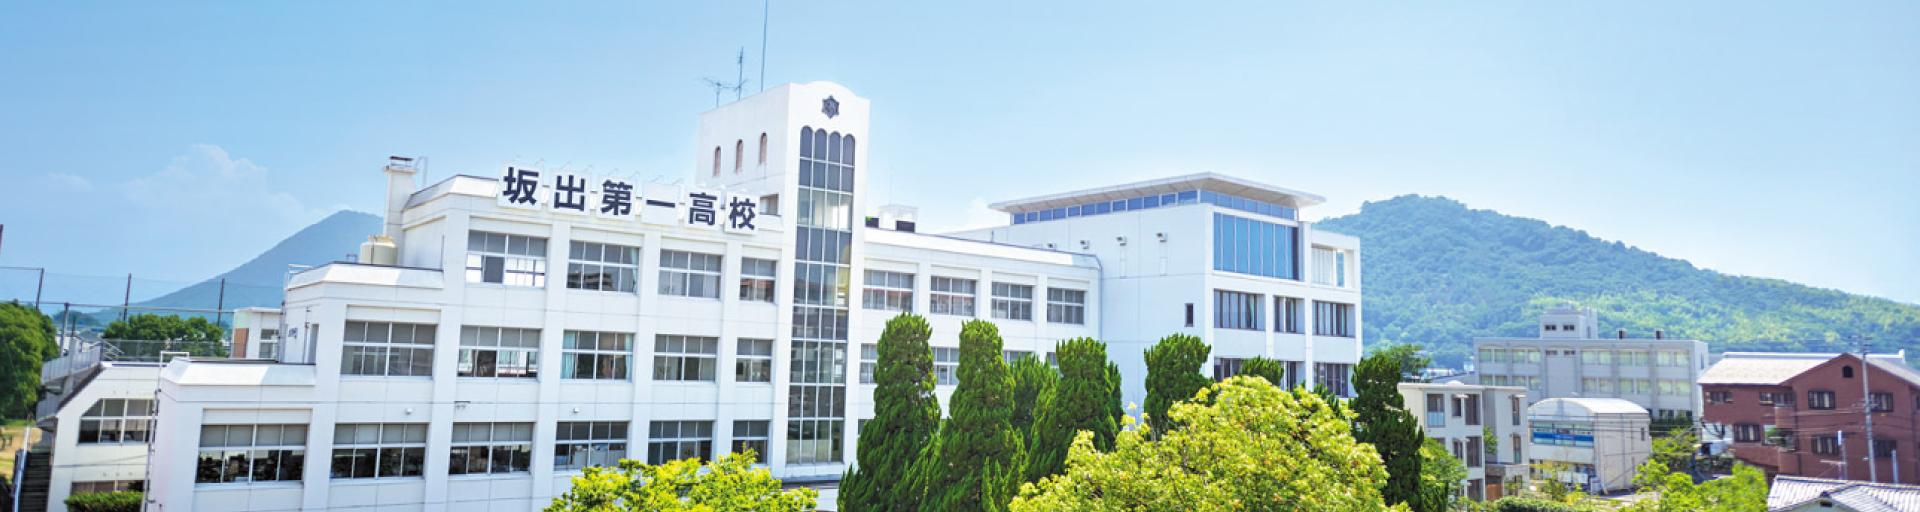 坂出第一高等学校 校舎